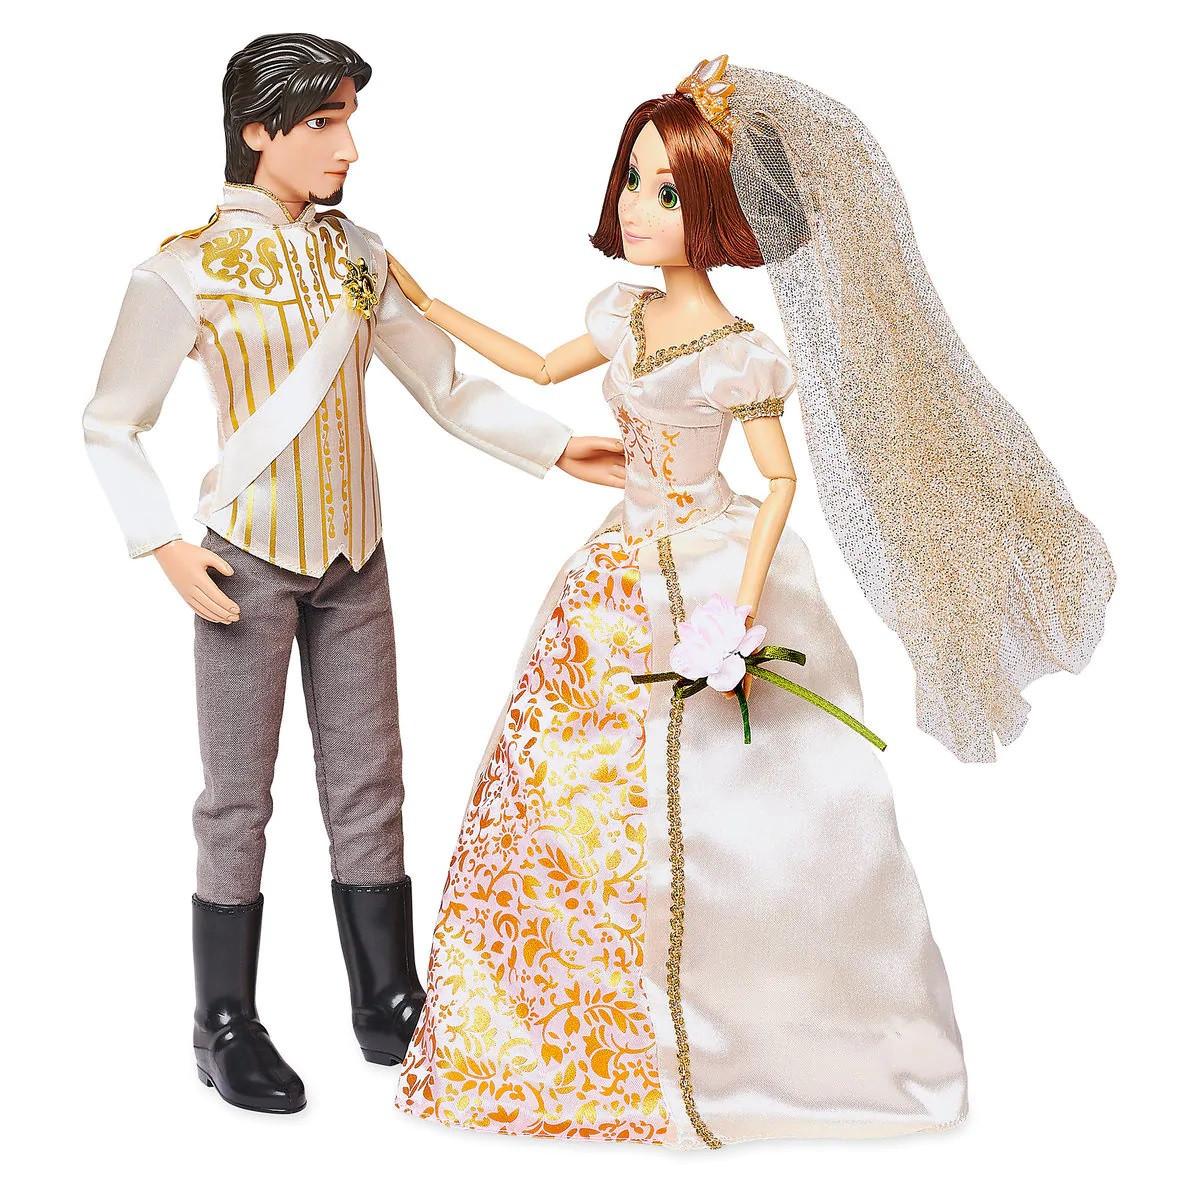 Кукла Рапунцель и Флин Райдер - Rapunzel принцесса Дисней - Flynn Rider - Disney набор кукол